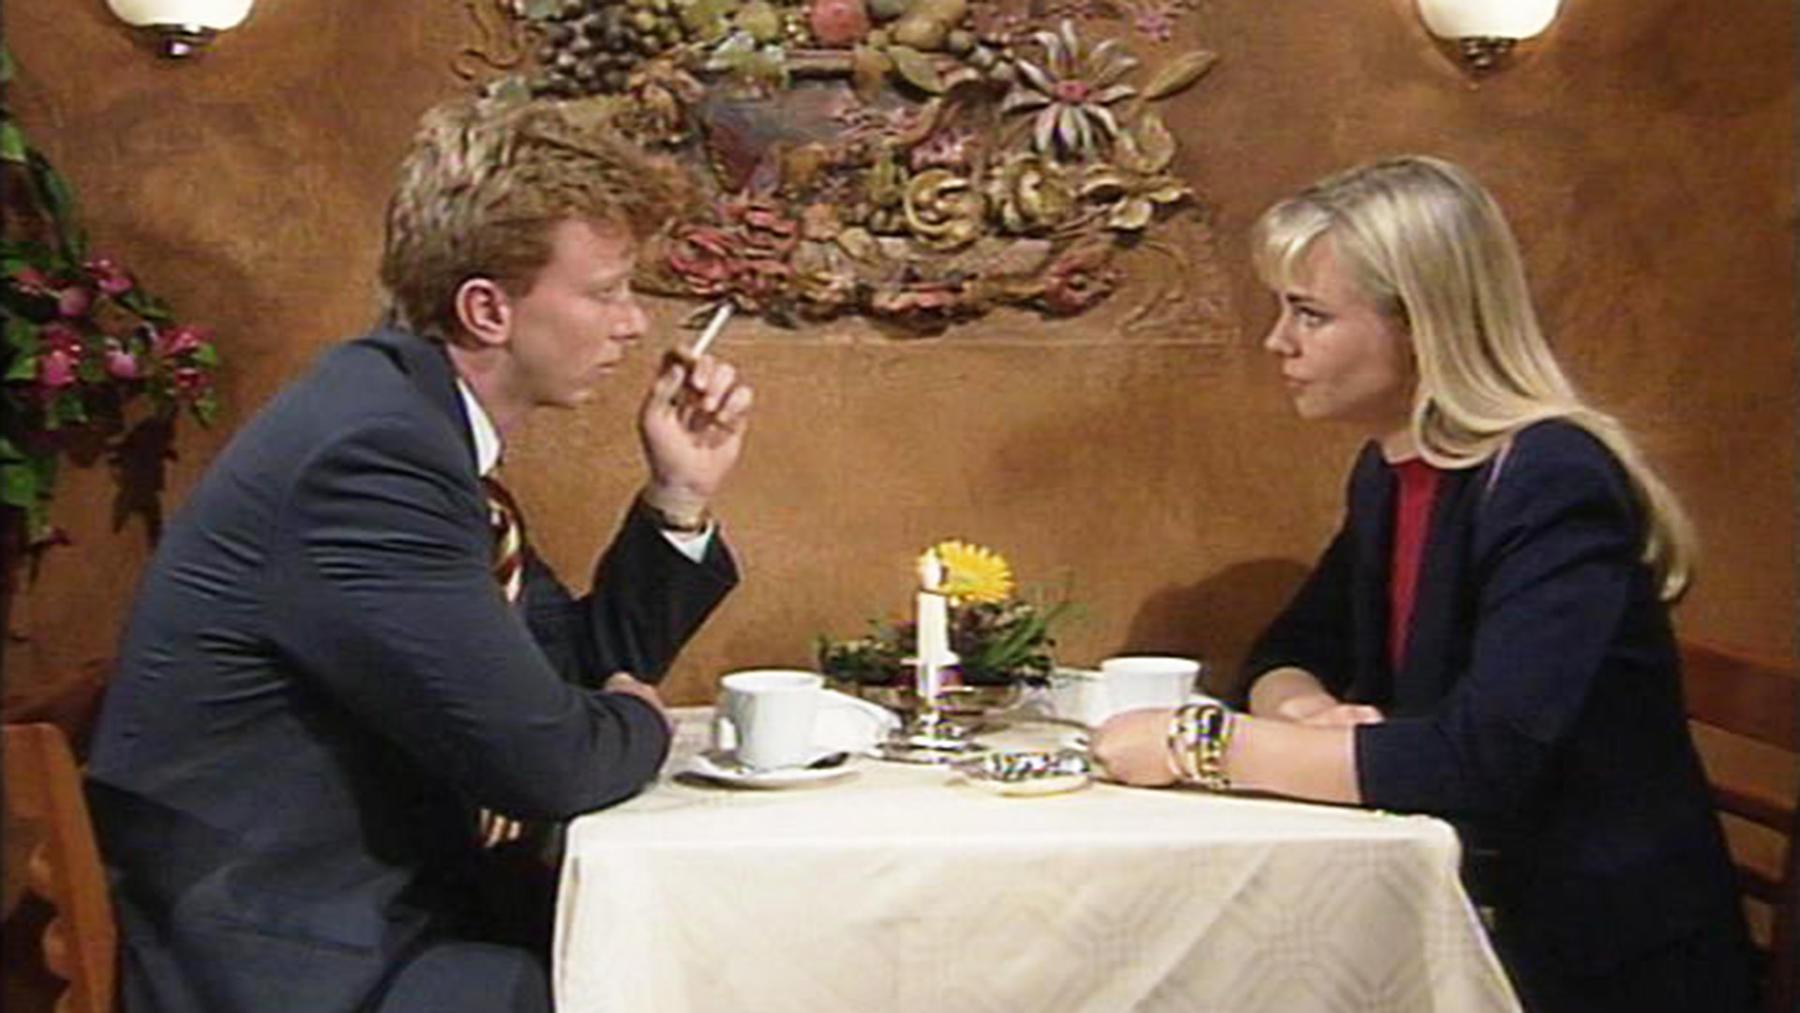 Clemens denkt, Vera habe seinen Geburtstag vergessen. | Folge 798